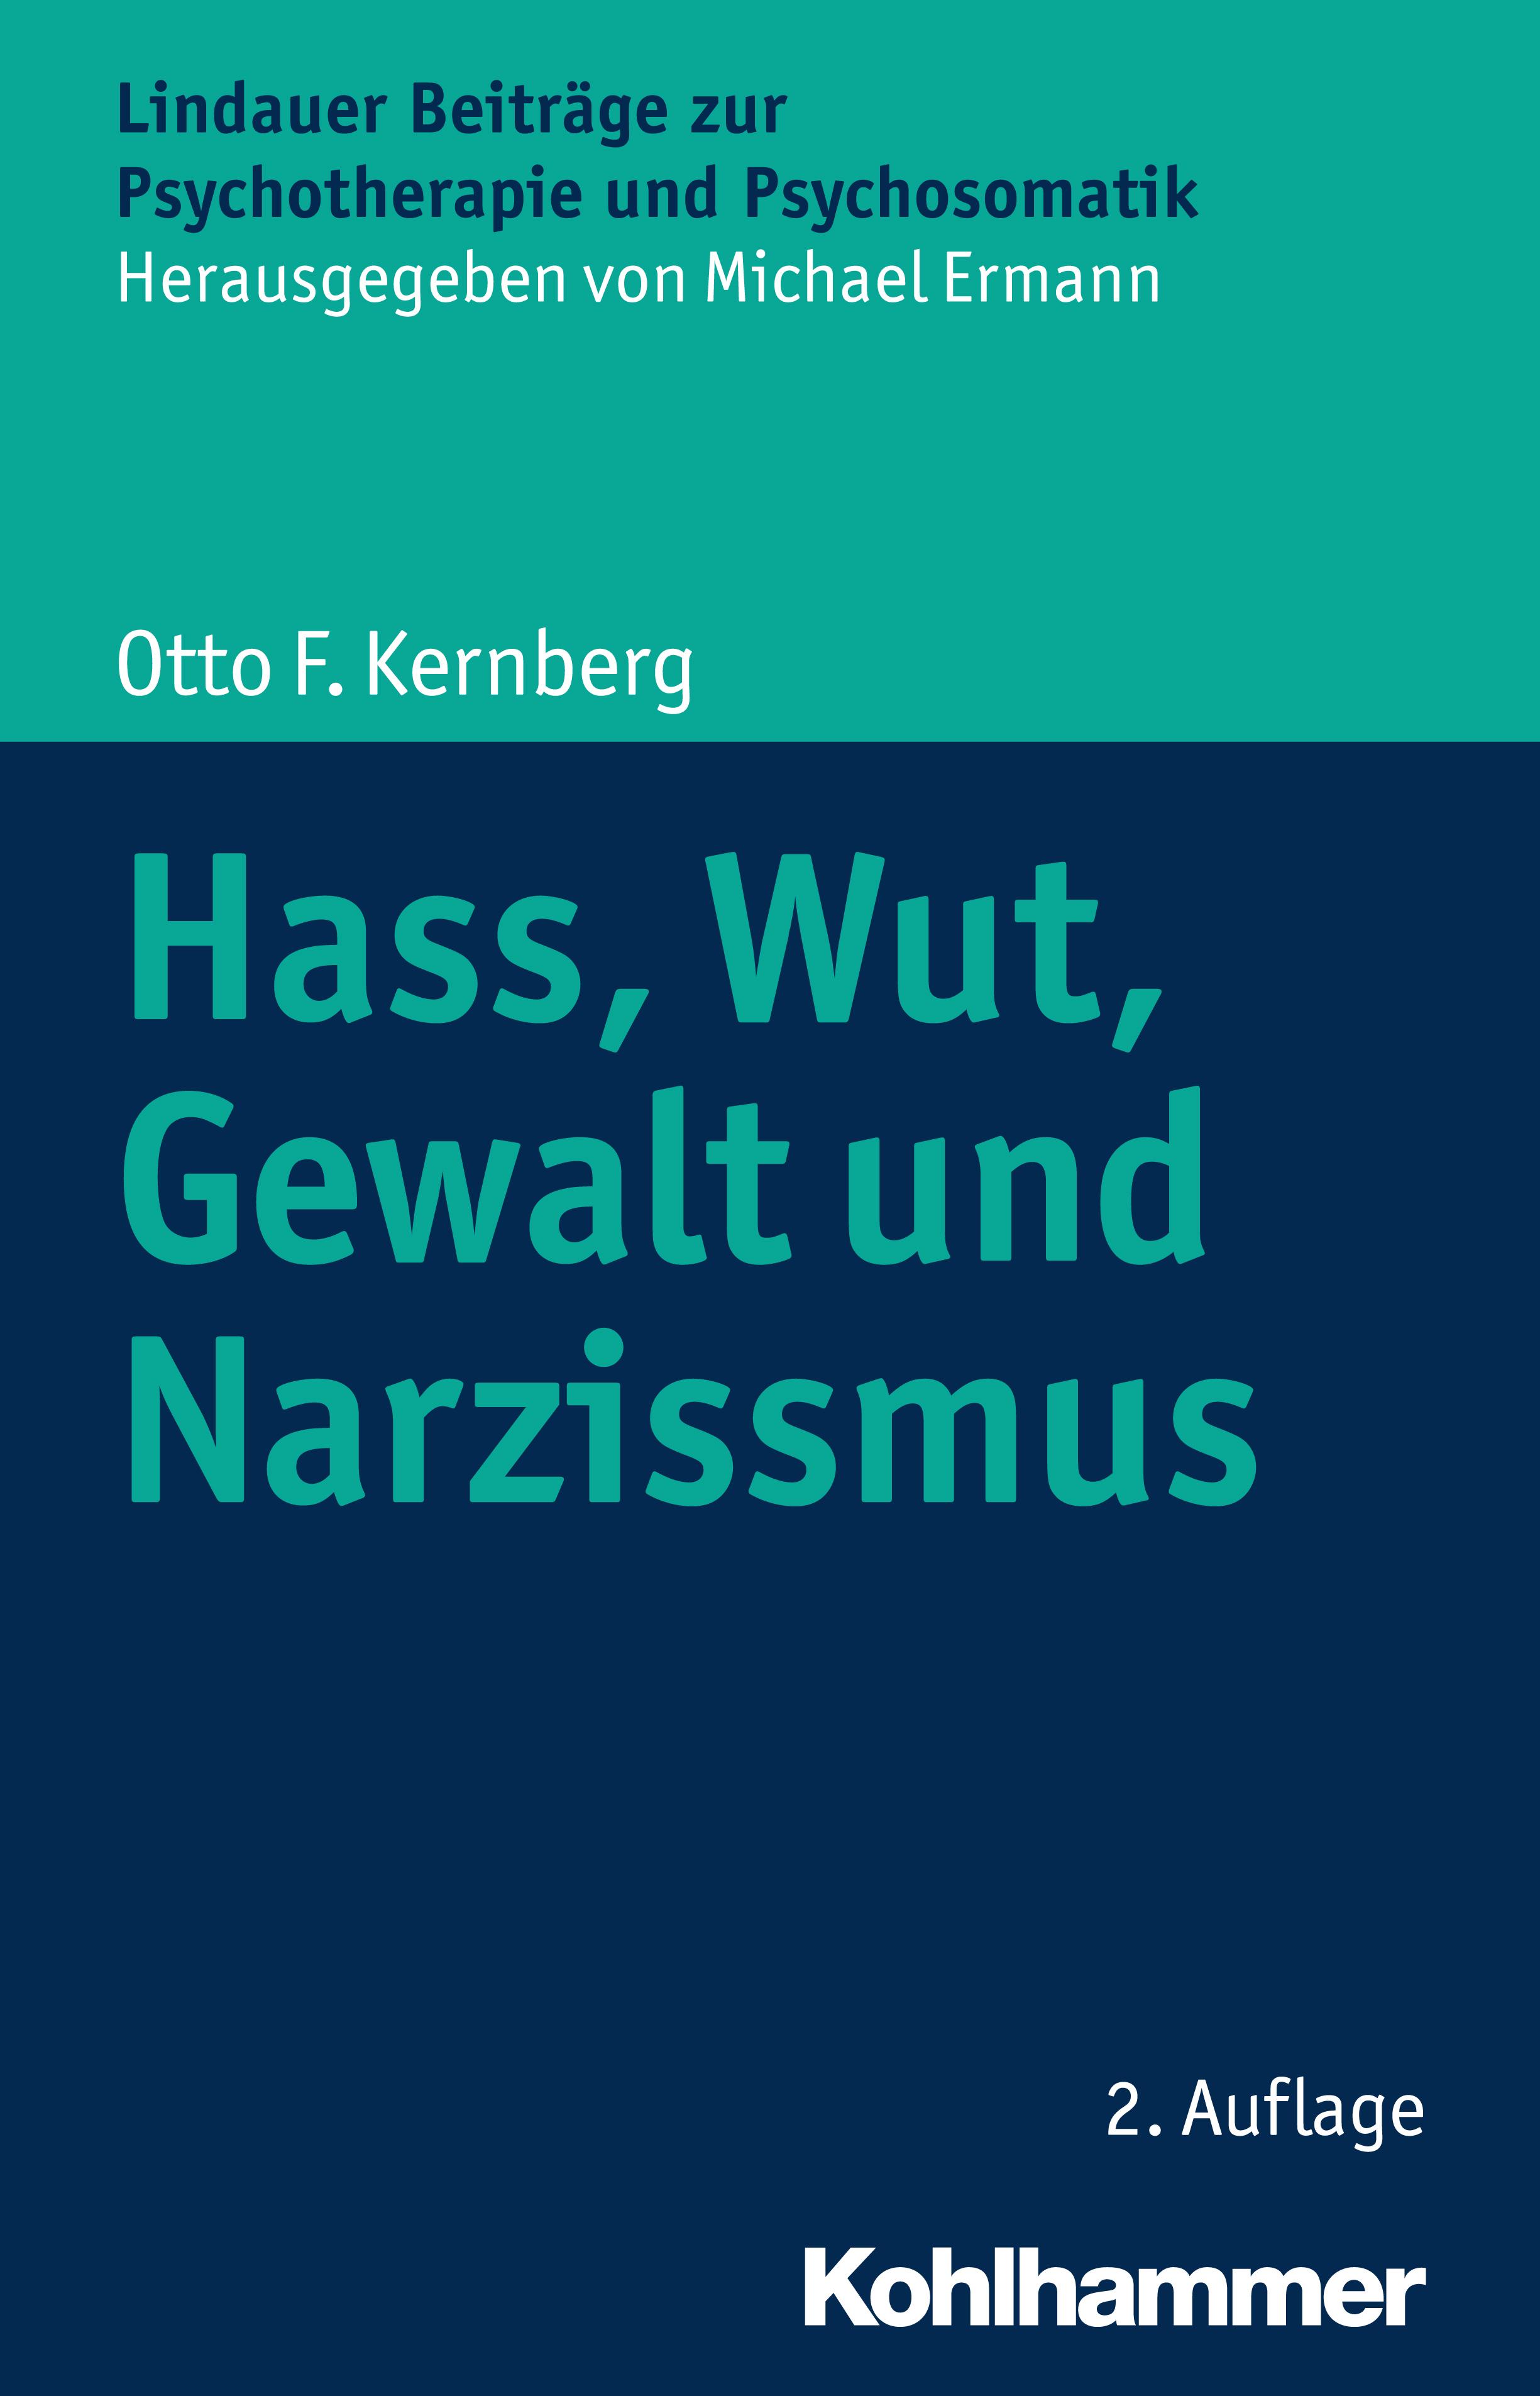 Otto F. Kernberg Hass, Wut, Gewalt und Narzissmus